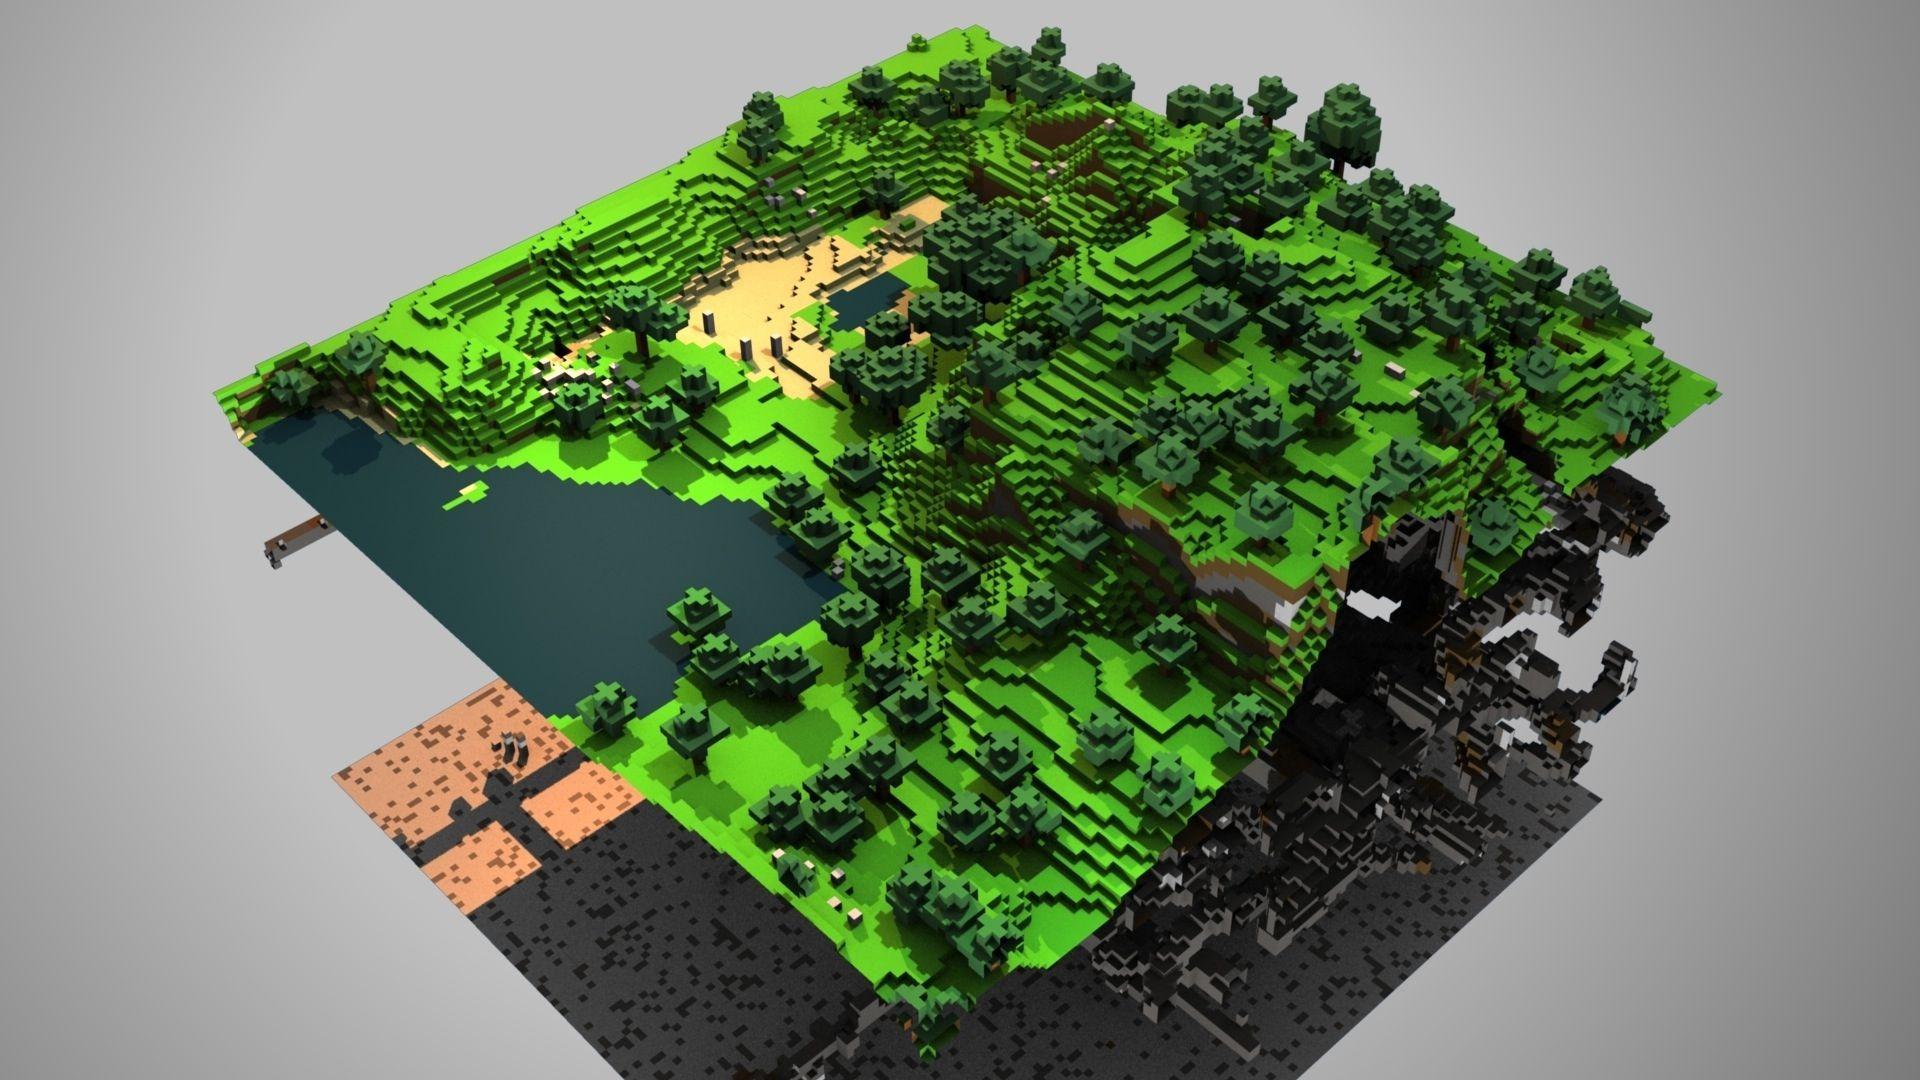 Beautiful Wallpaper Minecraft Autumn - 634f96c5faa9106851319b29420c606d  Image_97214.jpg